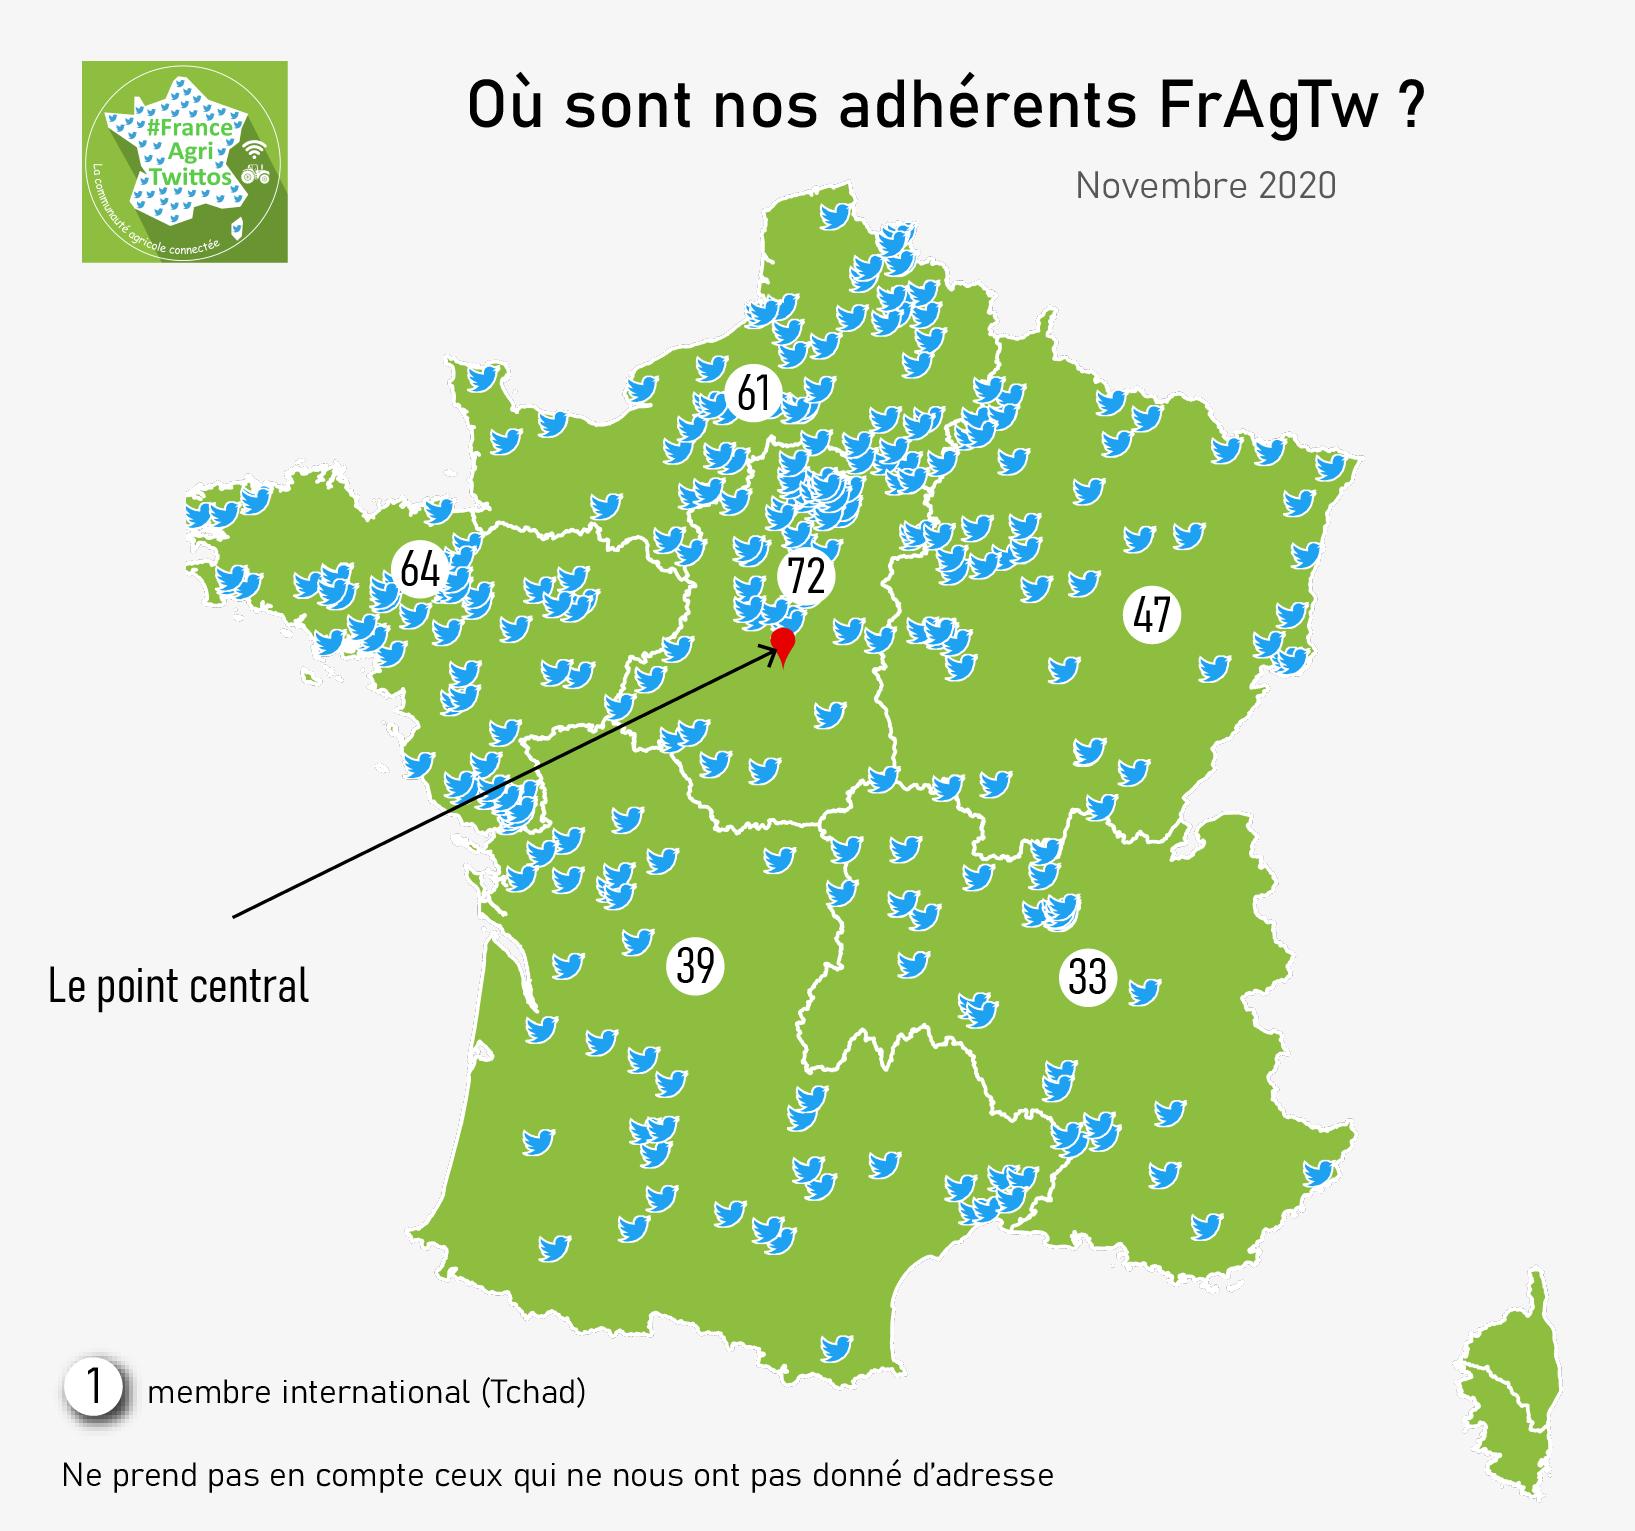 Adhérents FranceAgriTwittos pour l'année 20202020